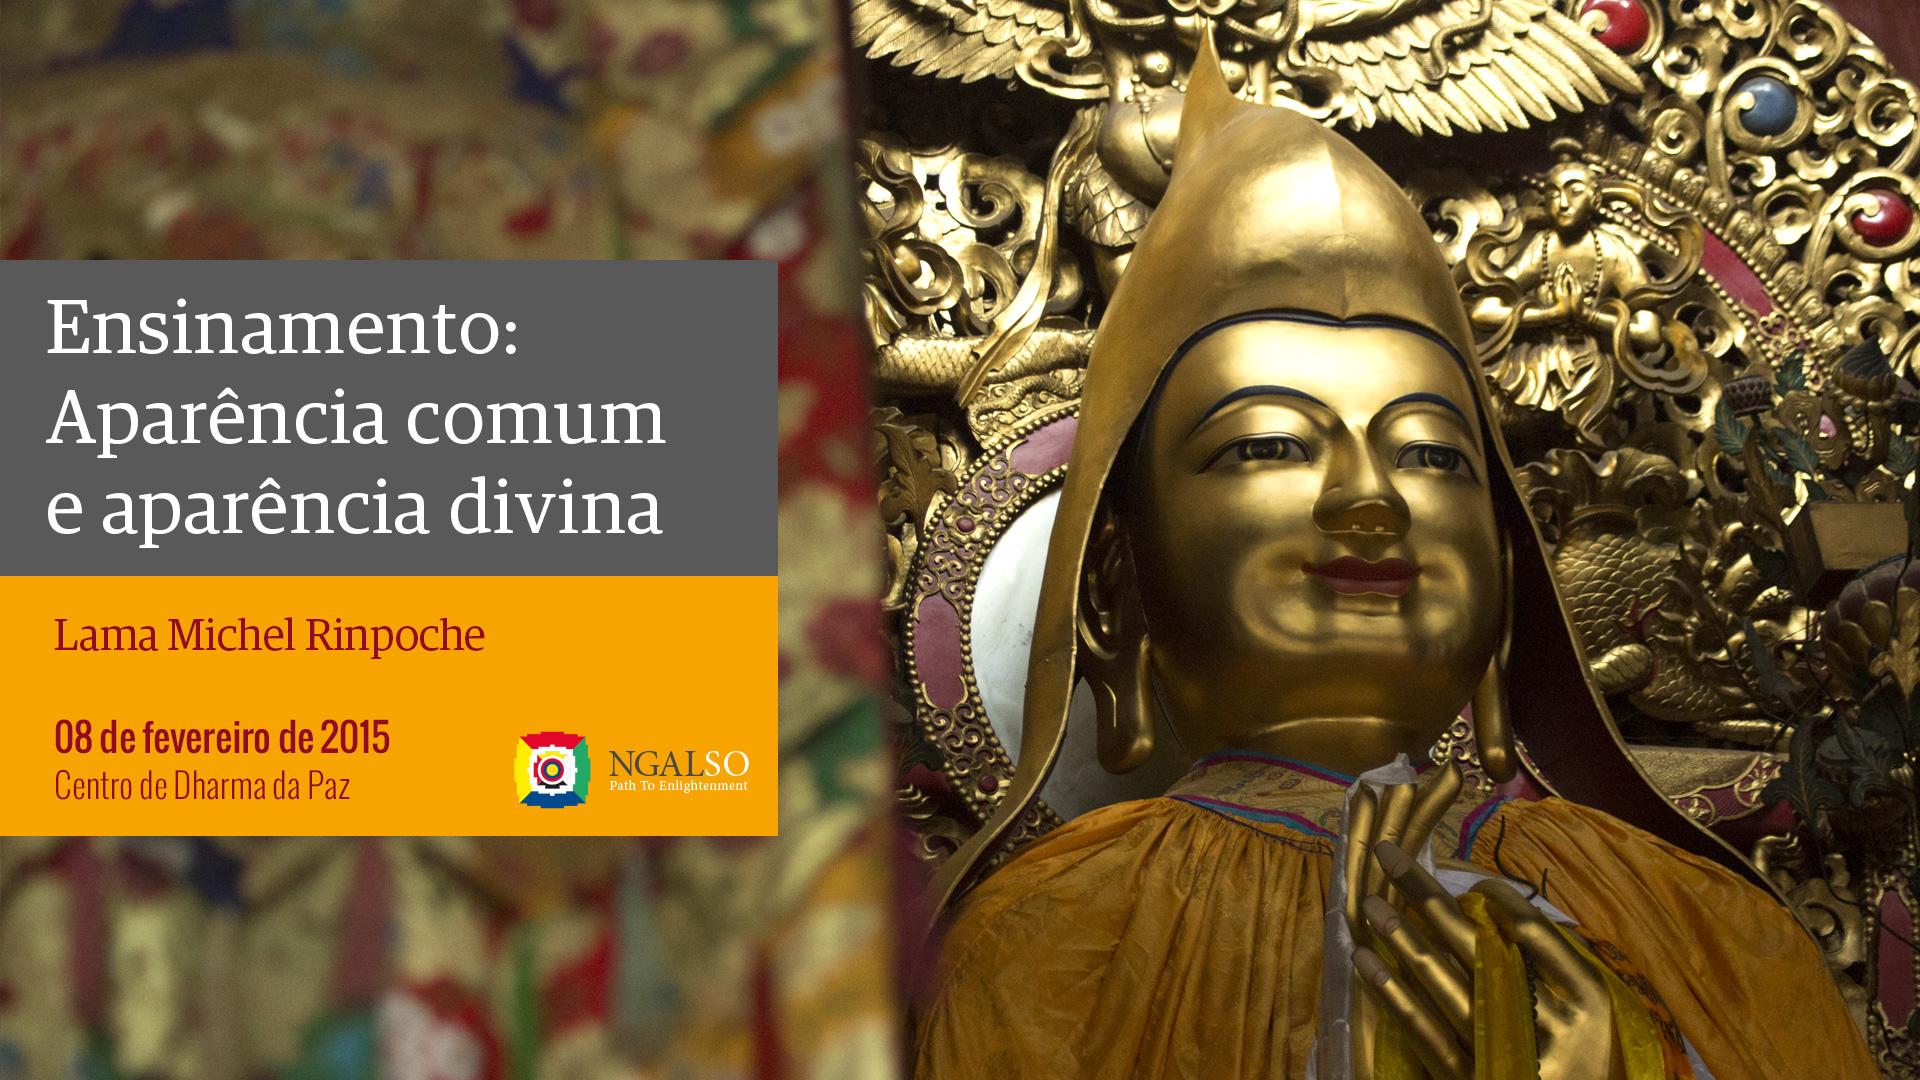 Aparência comum e aparência divina